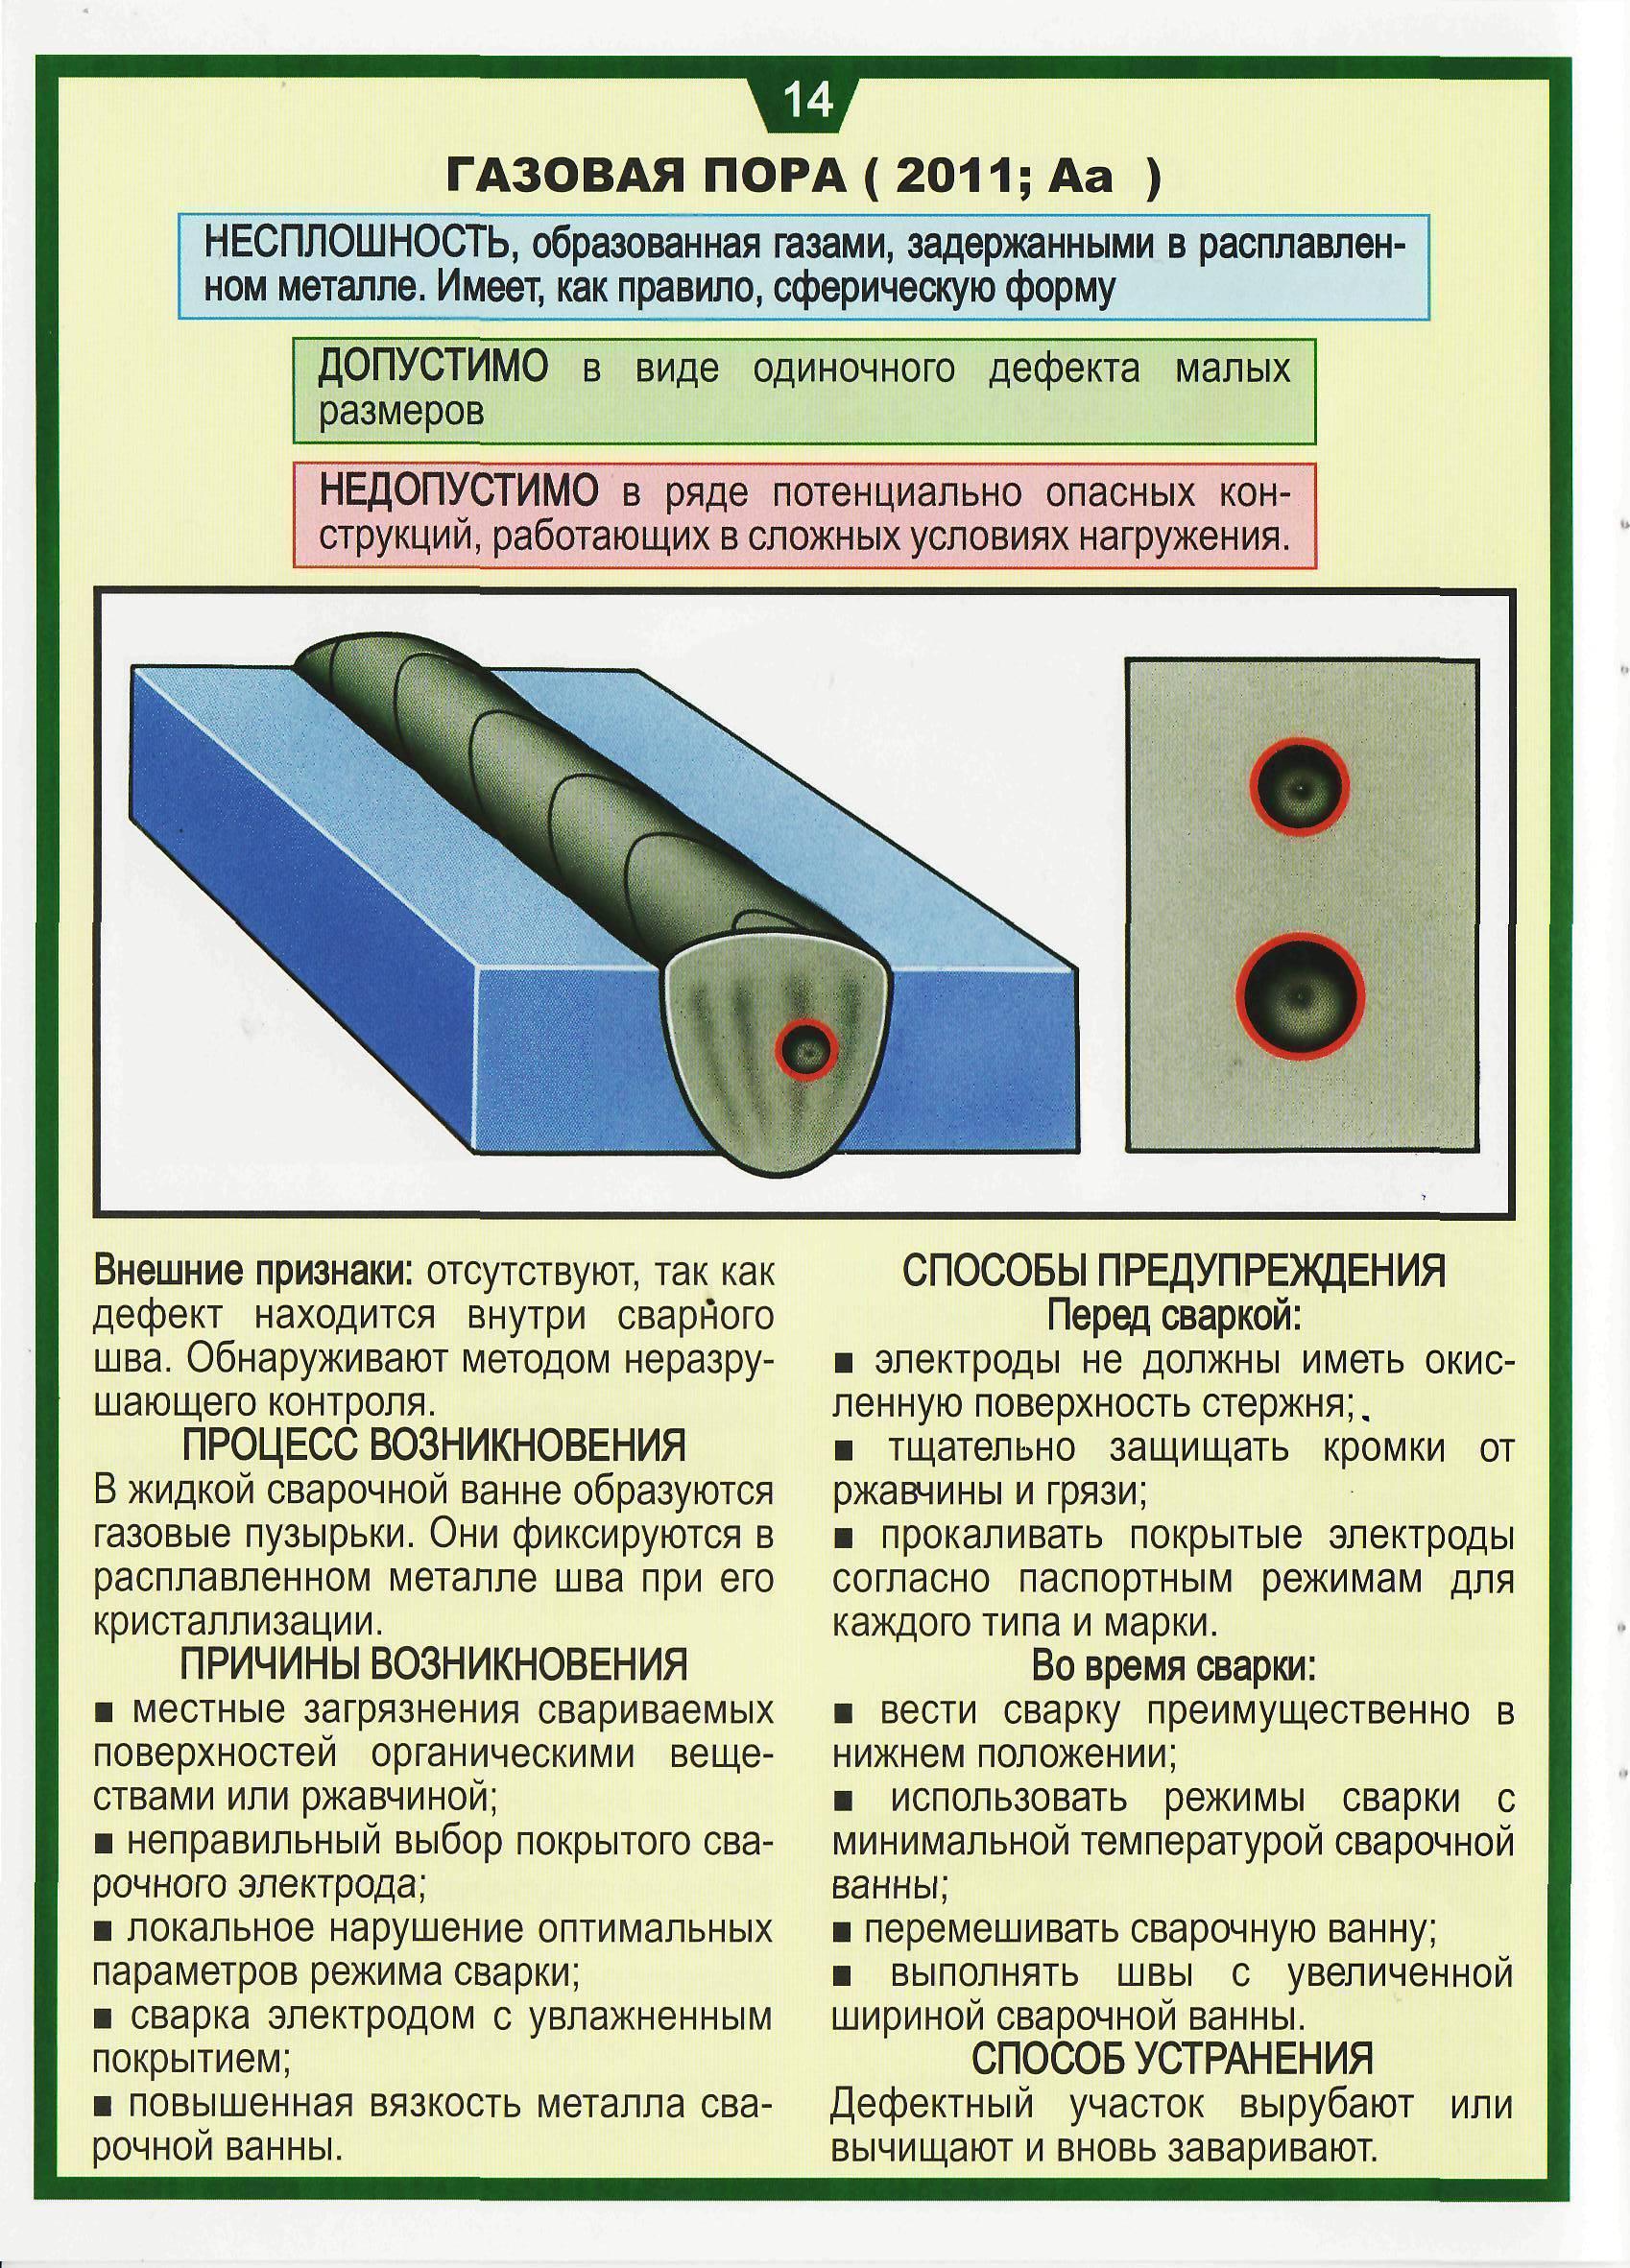 Ремонтная сварка стальных изделий